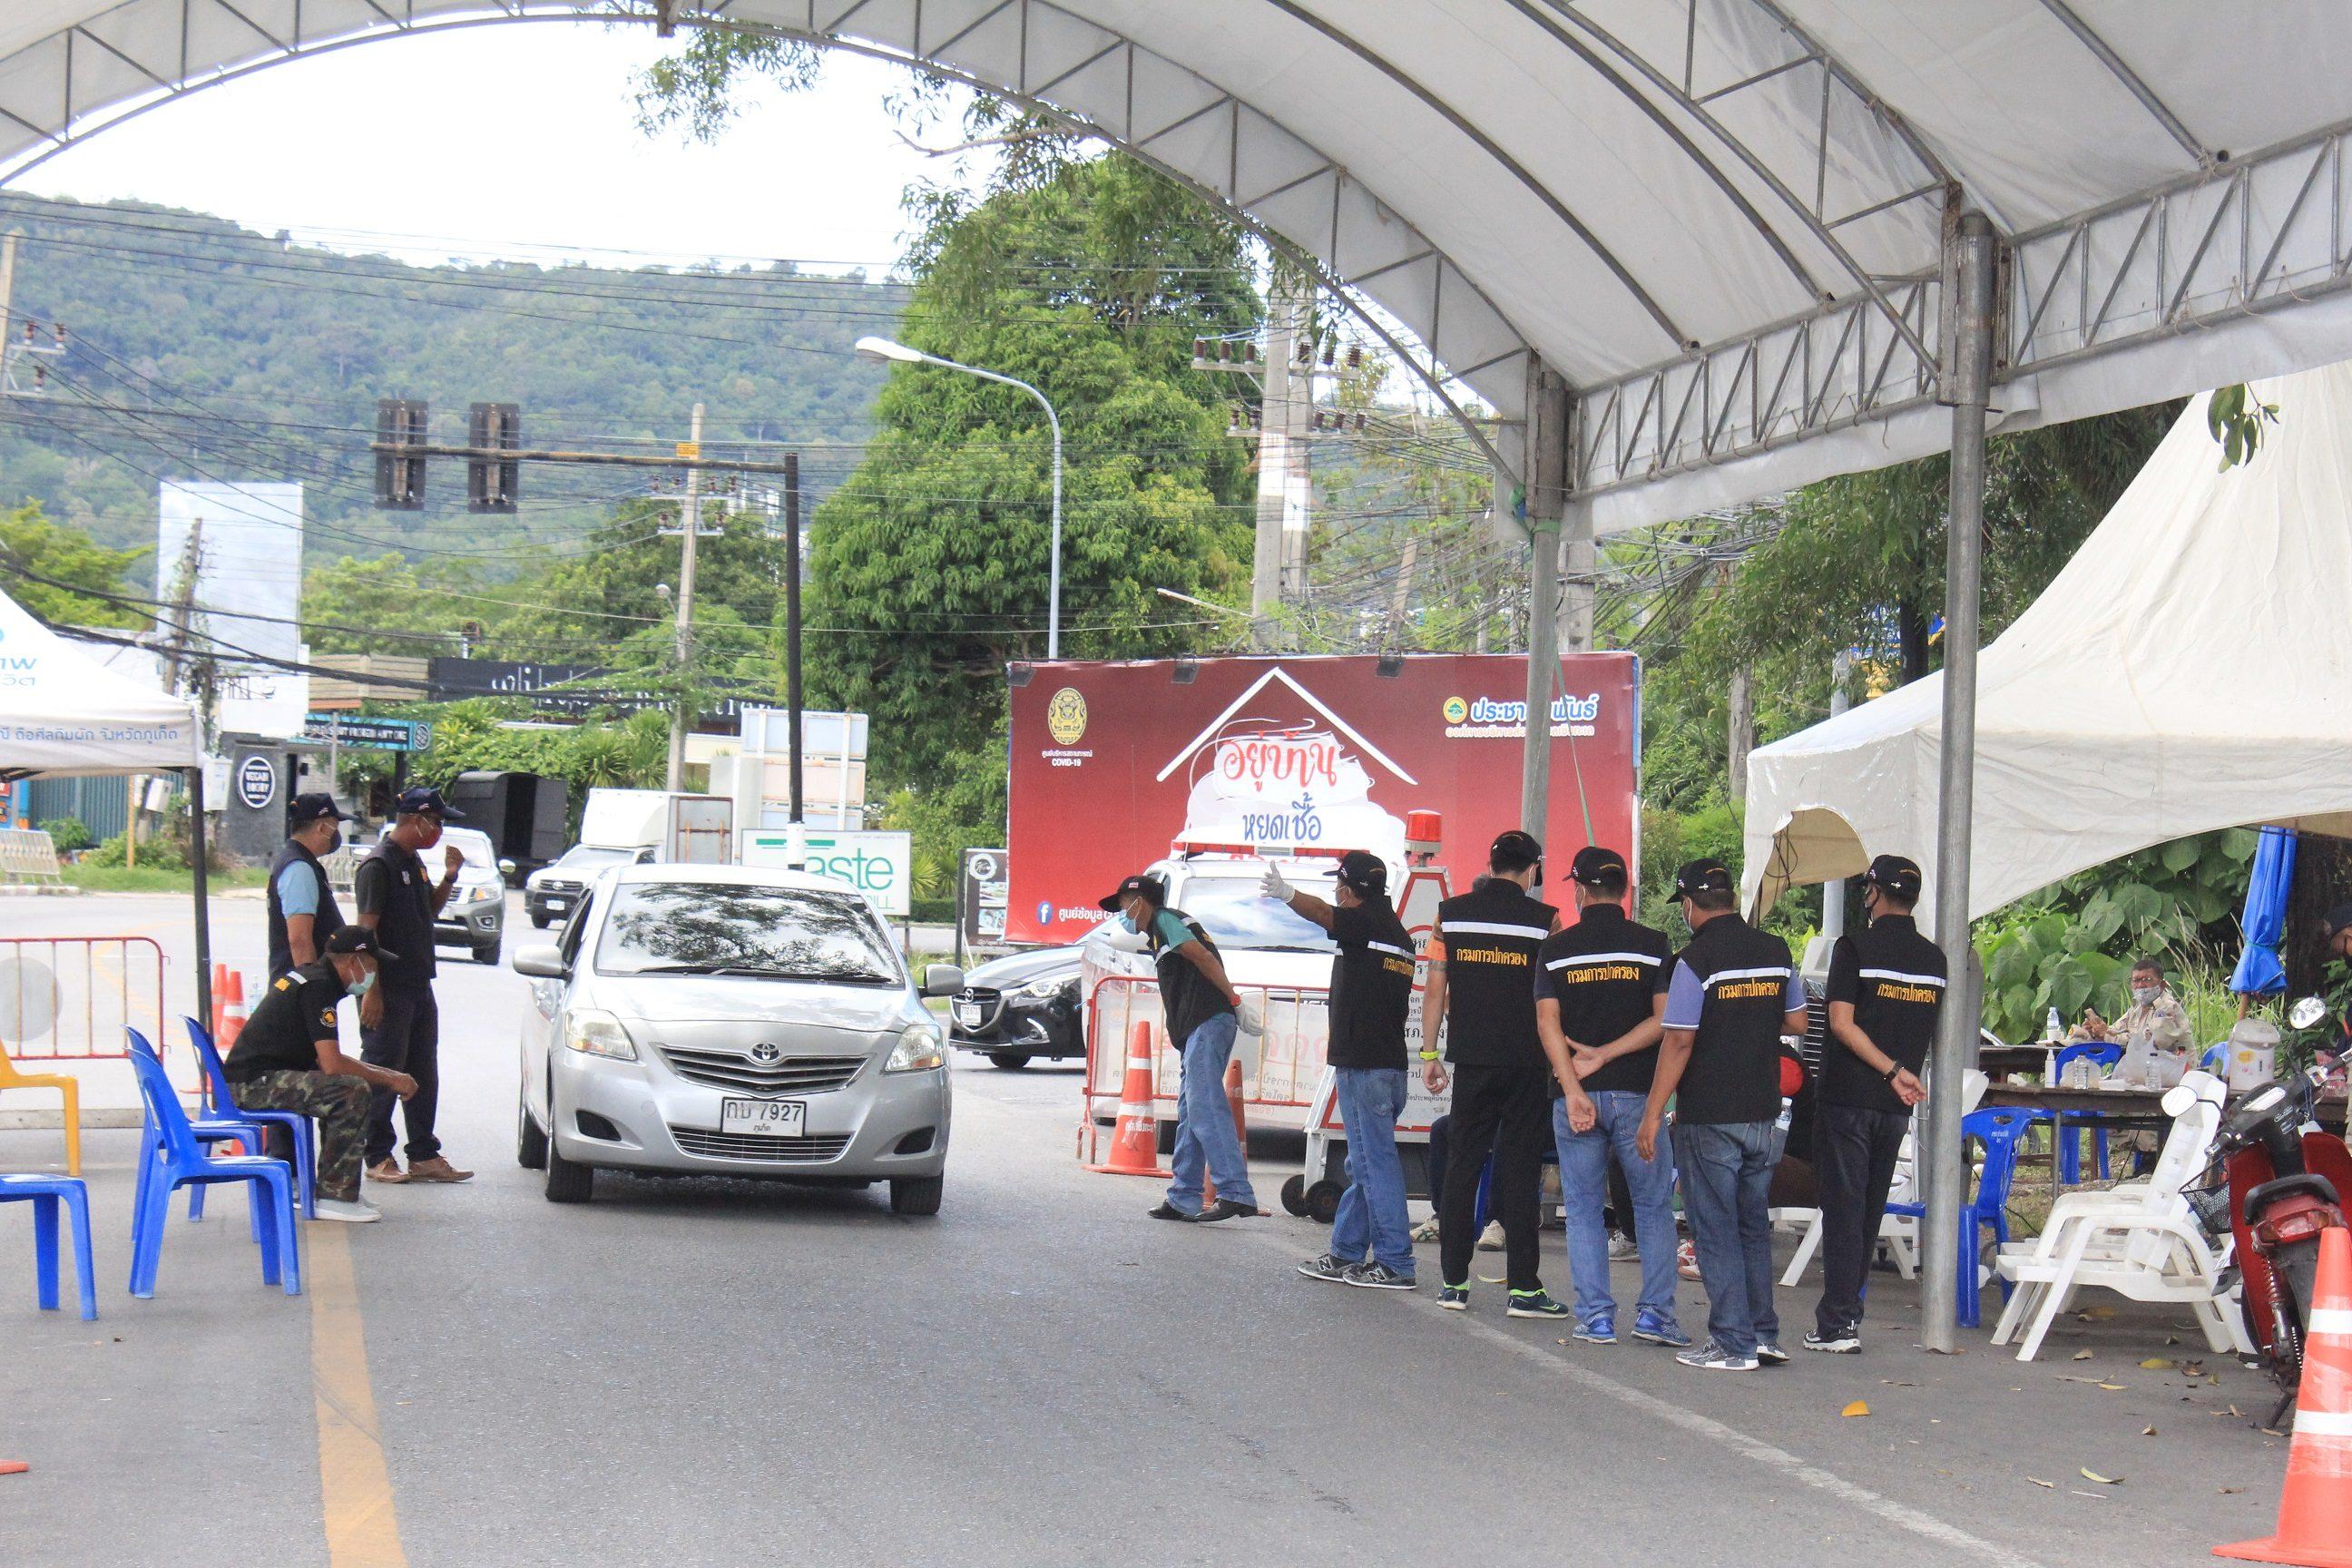 ภูเก็ตไม่พบผู้ป่วยโควิดต่อเนื่องเป็นวันที่ 2 ยอดสะสมรวม 220 ราย หายกลับบ้าน 178 ราย